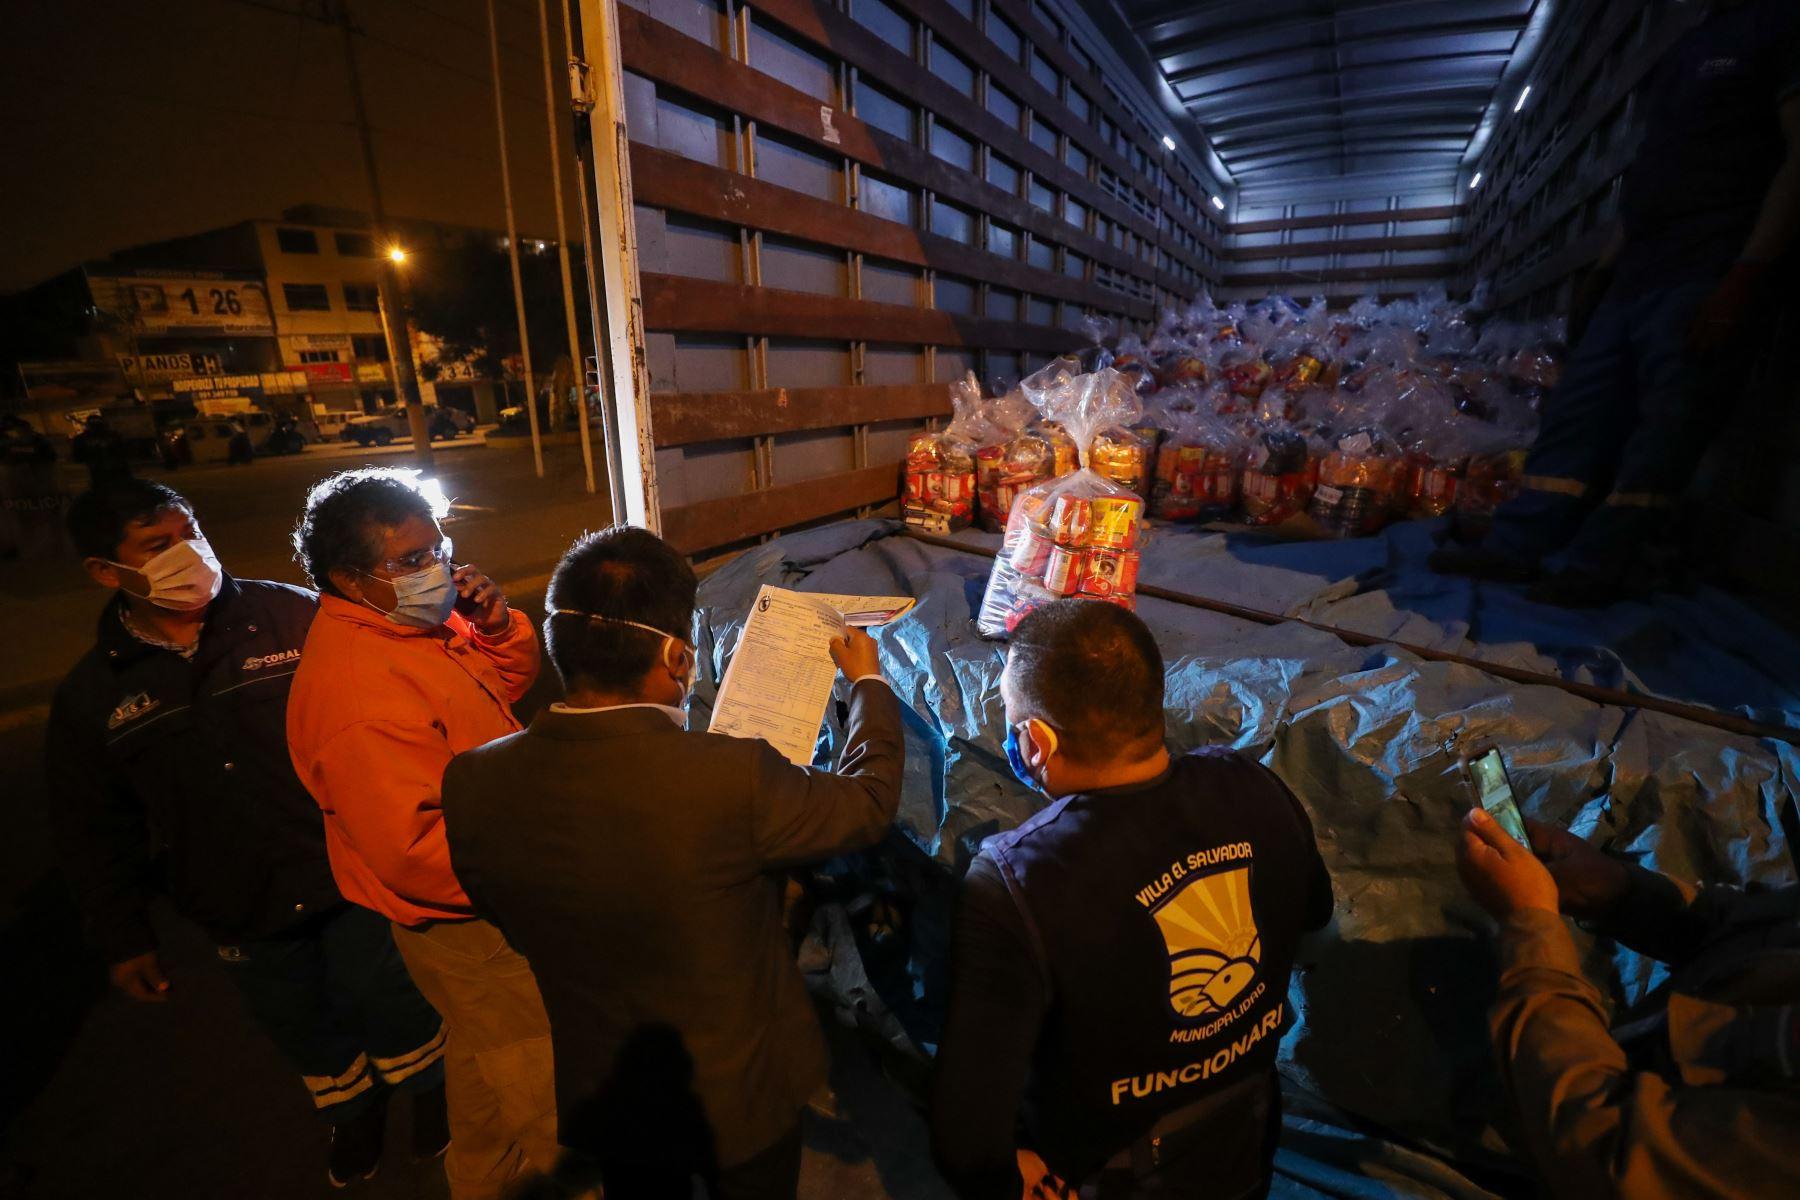 En un trabajo articulado entre el Ejecutivo y el sector privado, a través de la Presidencia del Consejo de Ministros, esta semana se entregaron 4000 canastas con víveres a las familias vulnerables de los distritos de Comas y Villa El Salvador. Foto: ANDINA/PCM